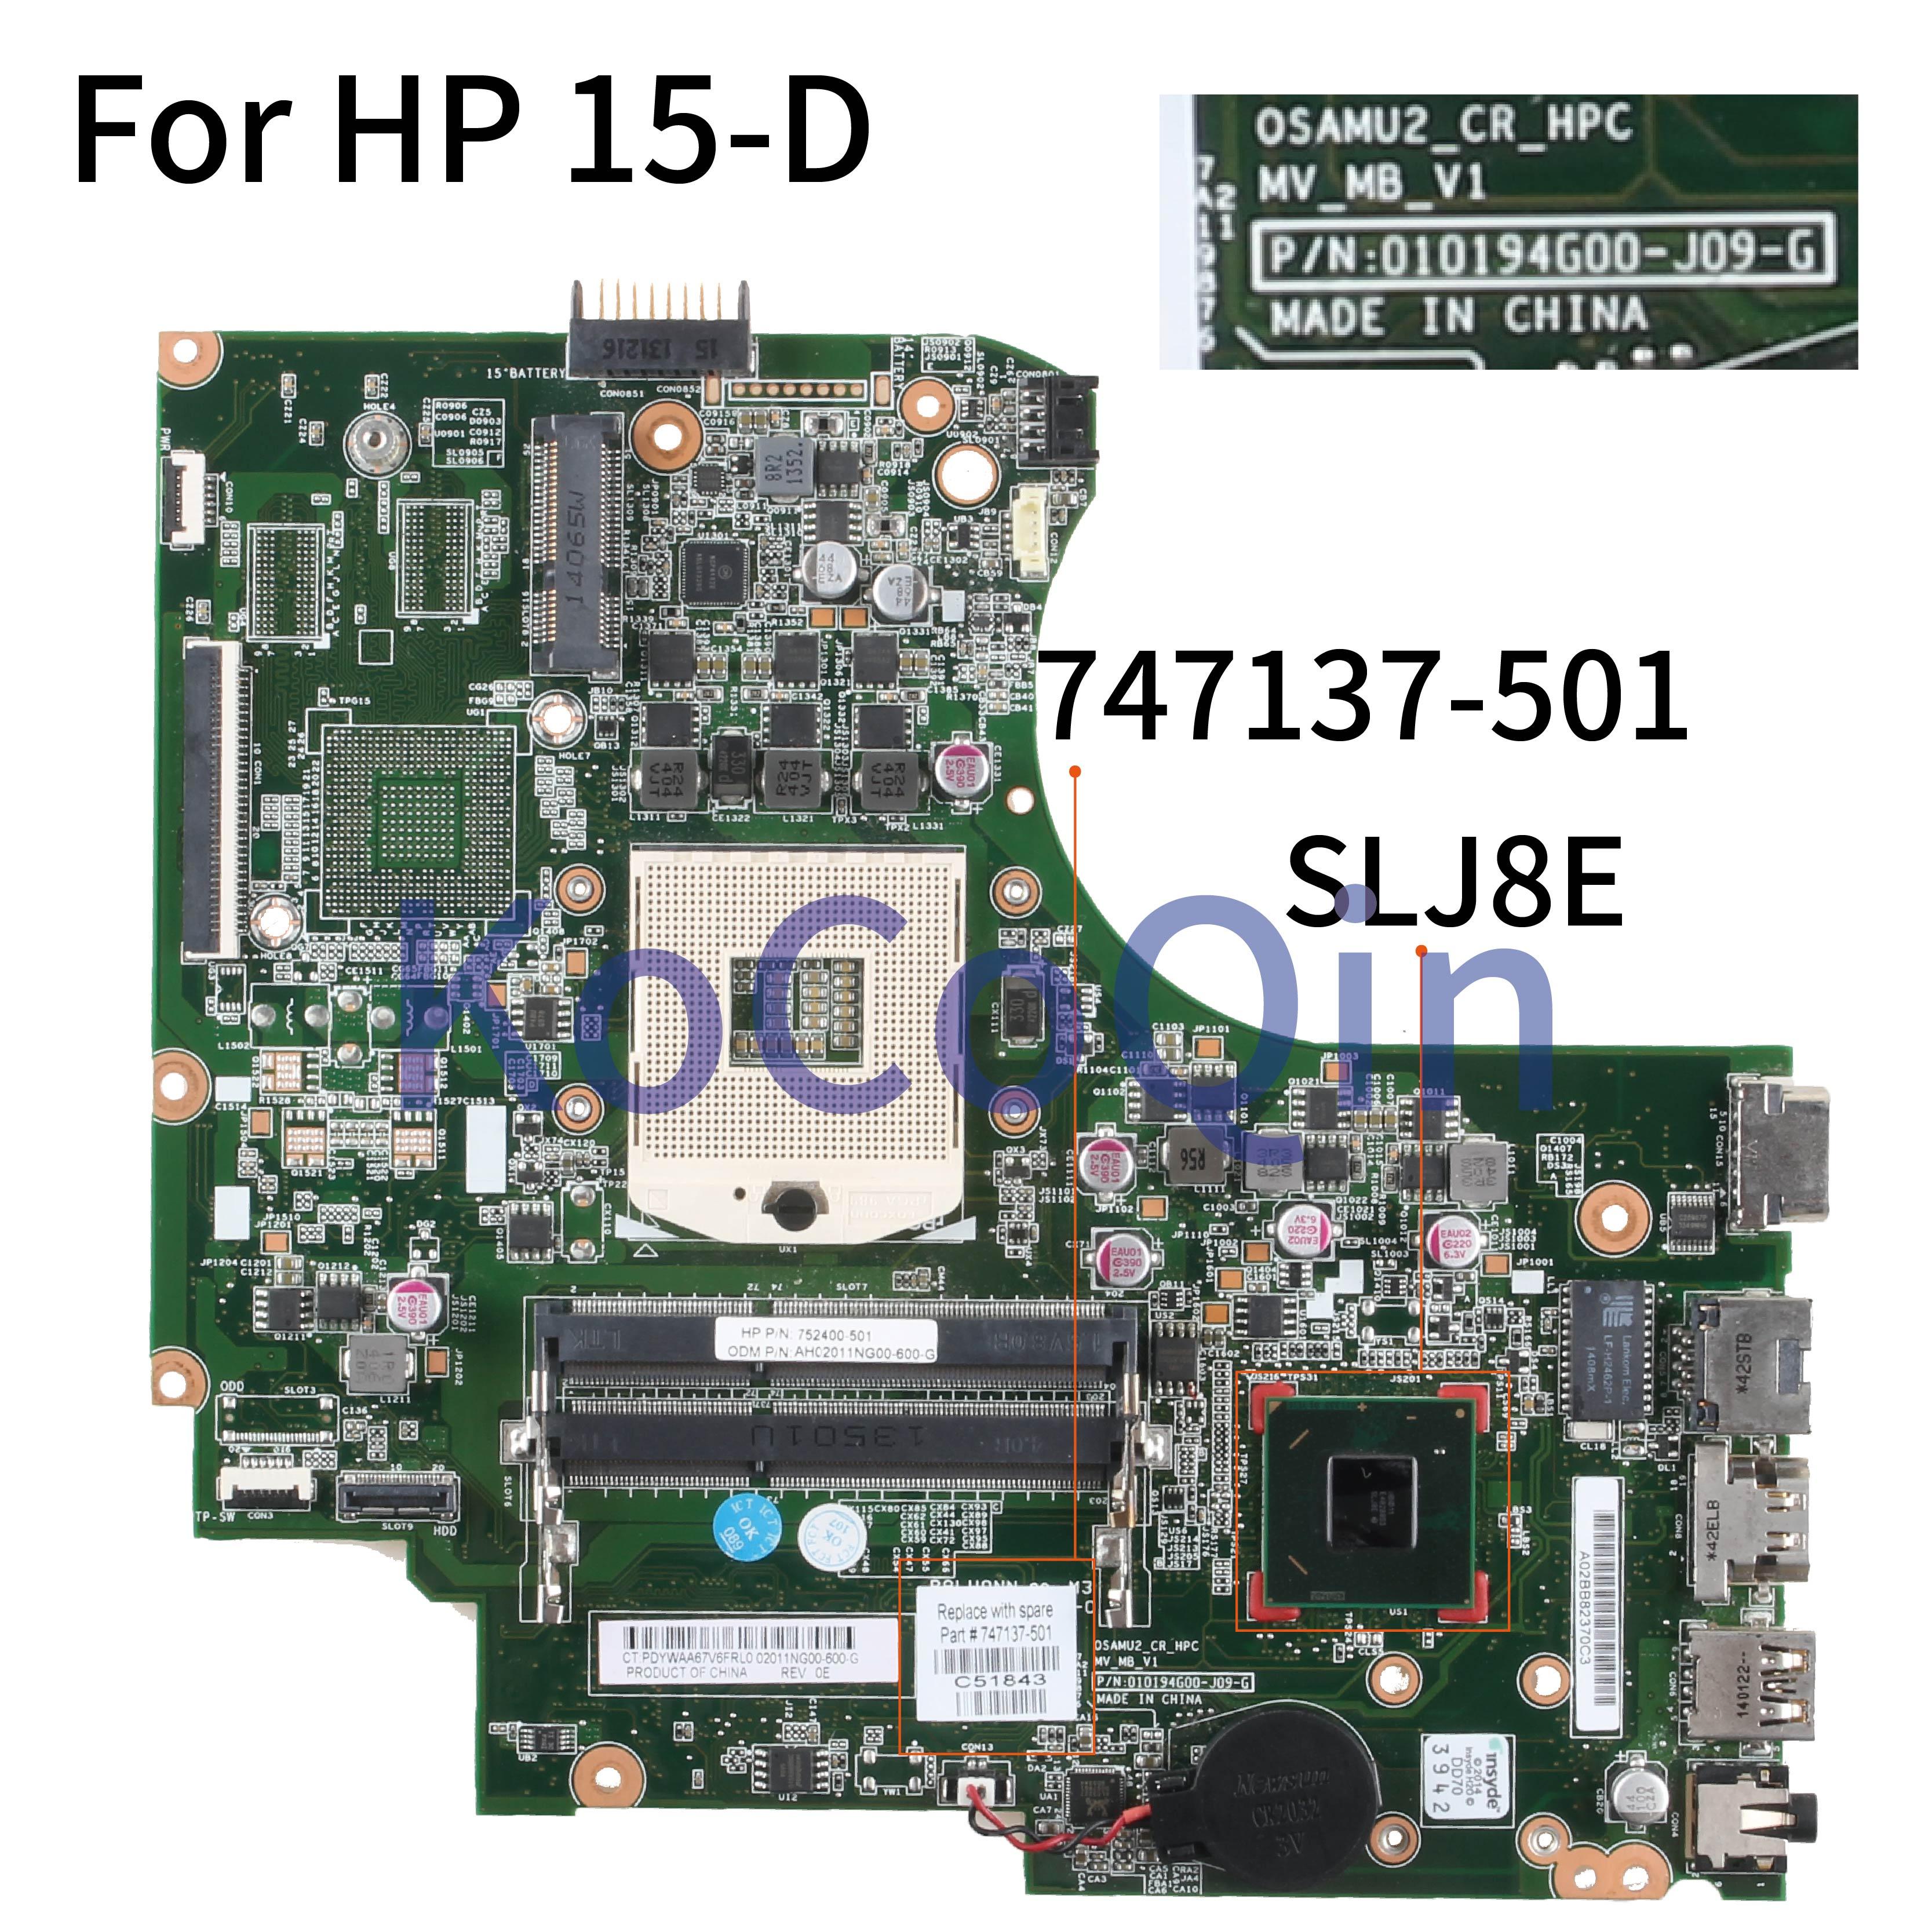 KoCoQin Laptop Motherboard For HP Probook 15-D 250 G2 SLJ8E Mainboard 747137-501 747137-001 010194G00-J09-G